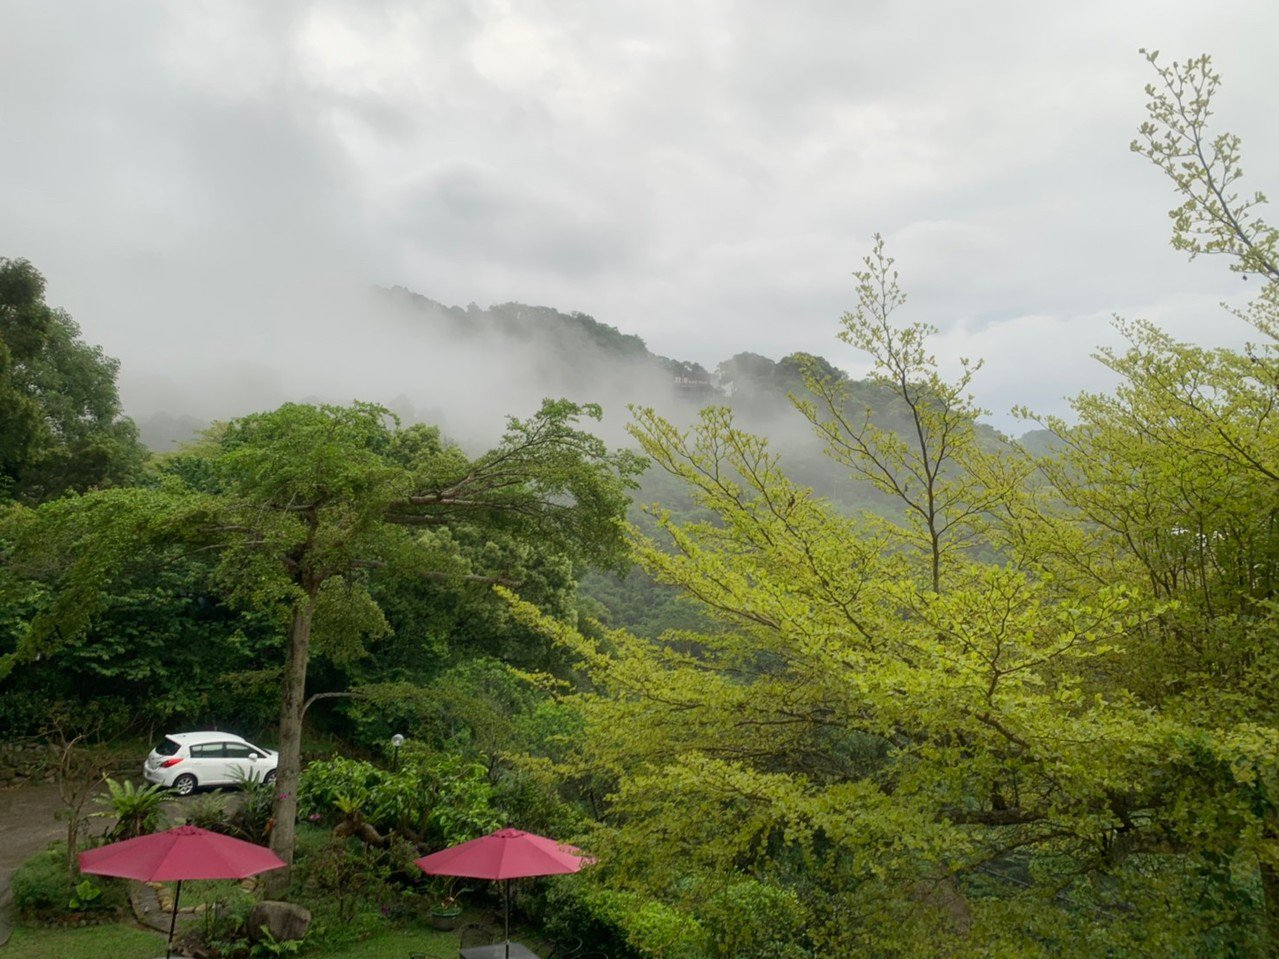 苗縣三義鄉雙潭休閒農業區有農業與人文藝術,有牛奶森林的美稱,四季景色多變,雲海、...